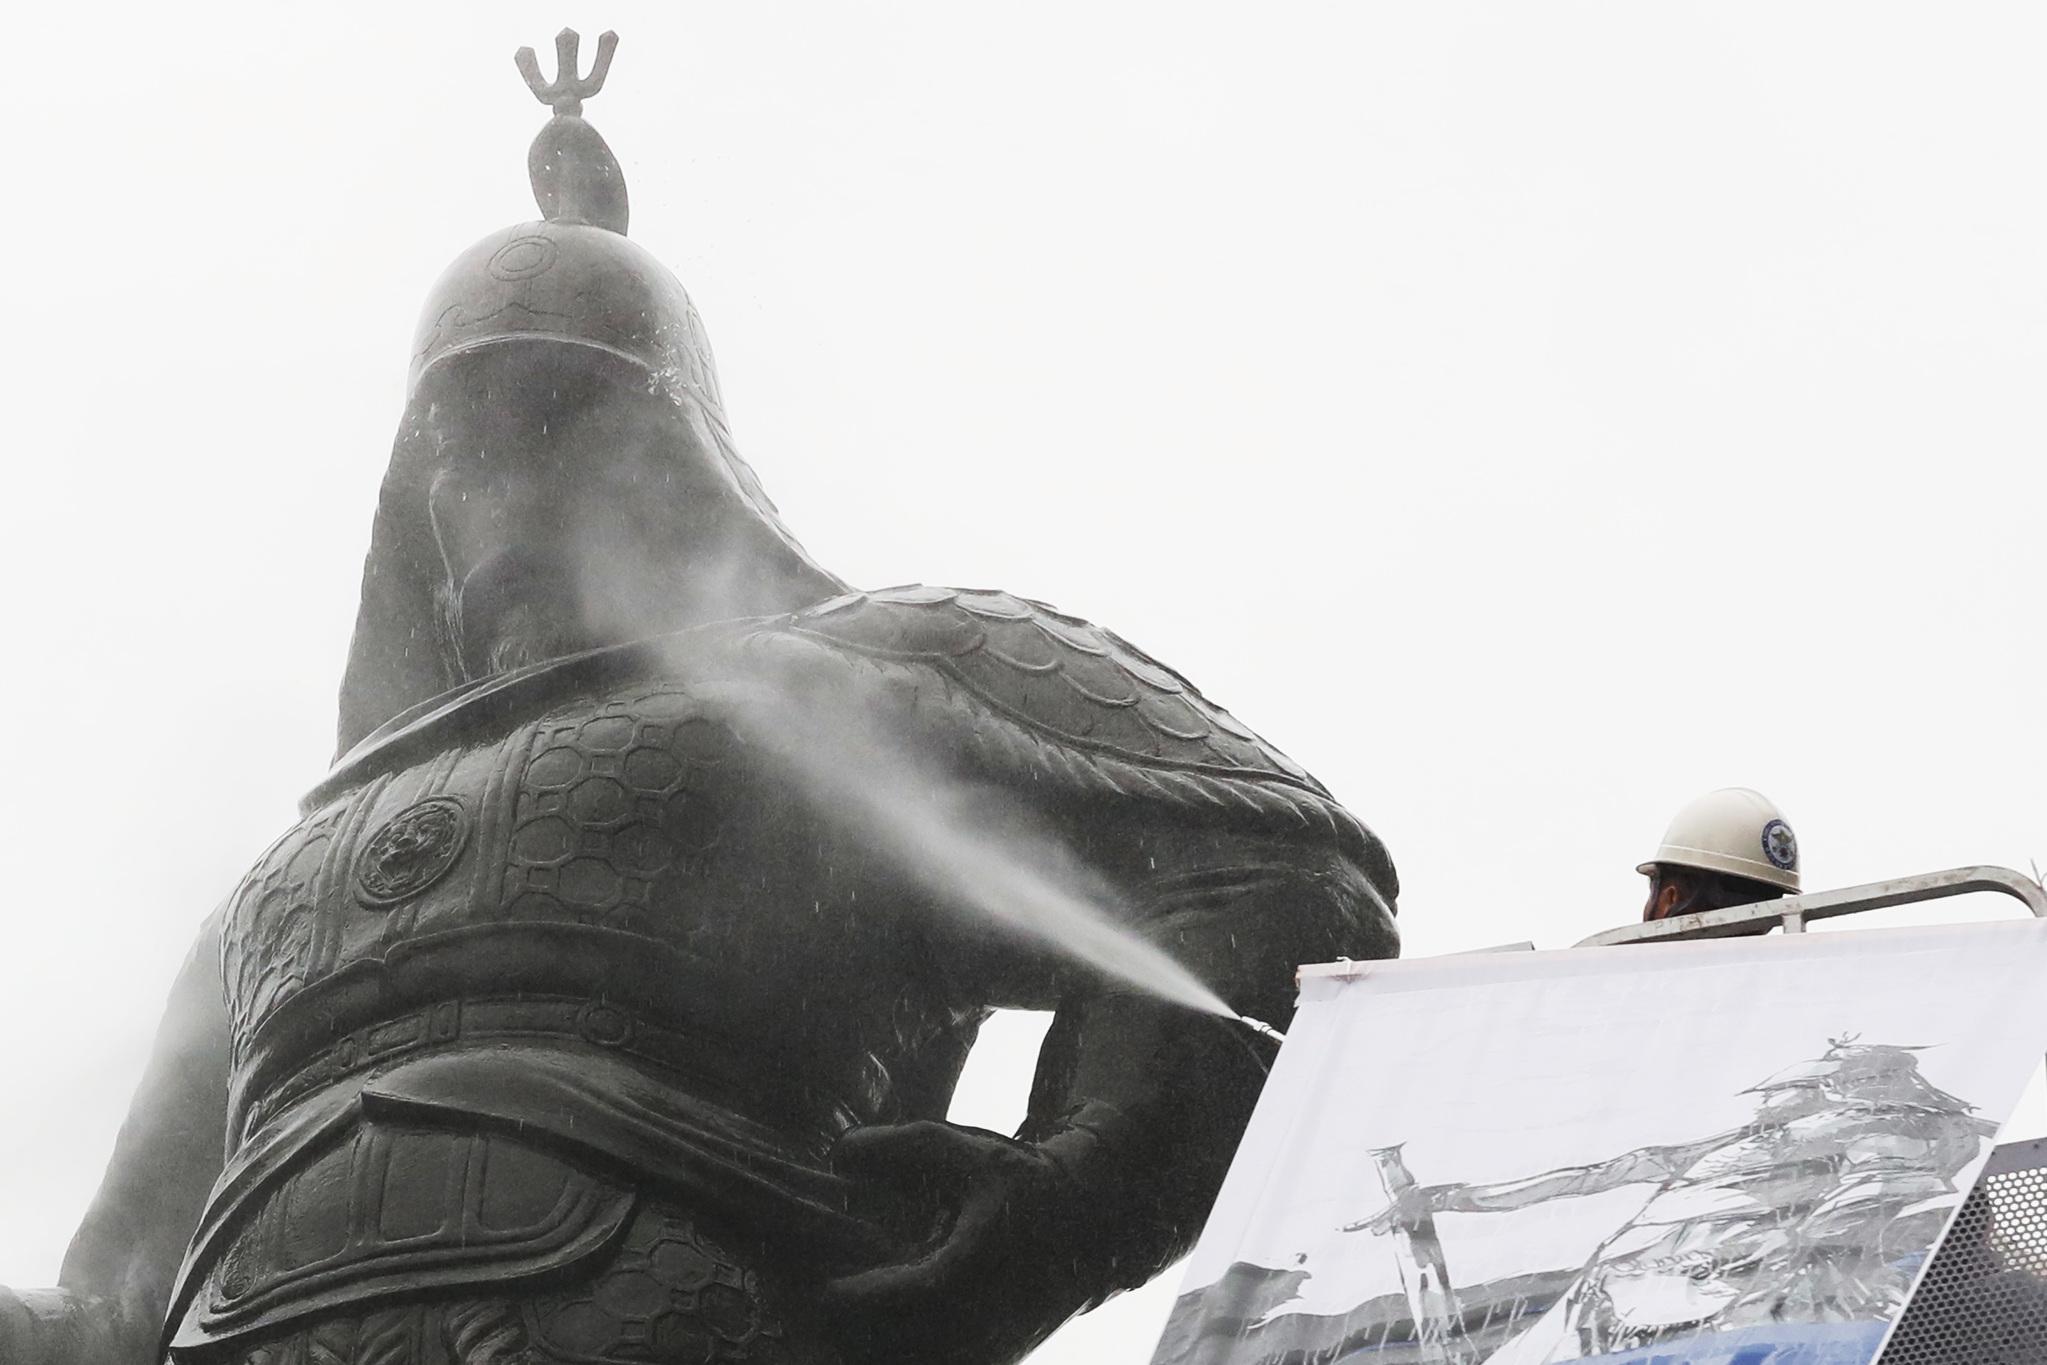 충무공 이순신 장군 탄신 제472주년을 열흘 앞둔 18일 오후 서울 세종로 광화문광장에서 이순신 장군 동상 친수식이 진행됐다. 장진영 기자